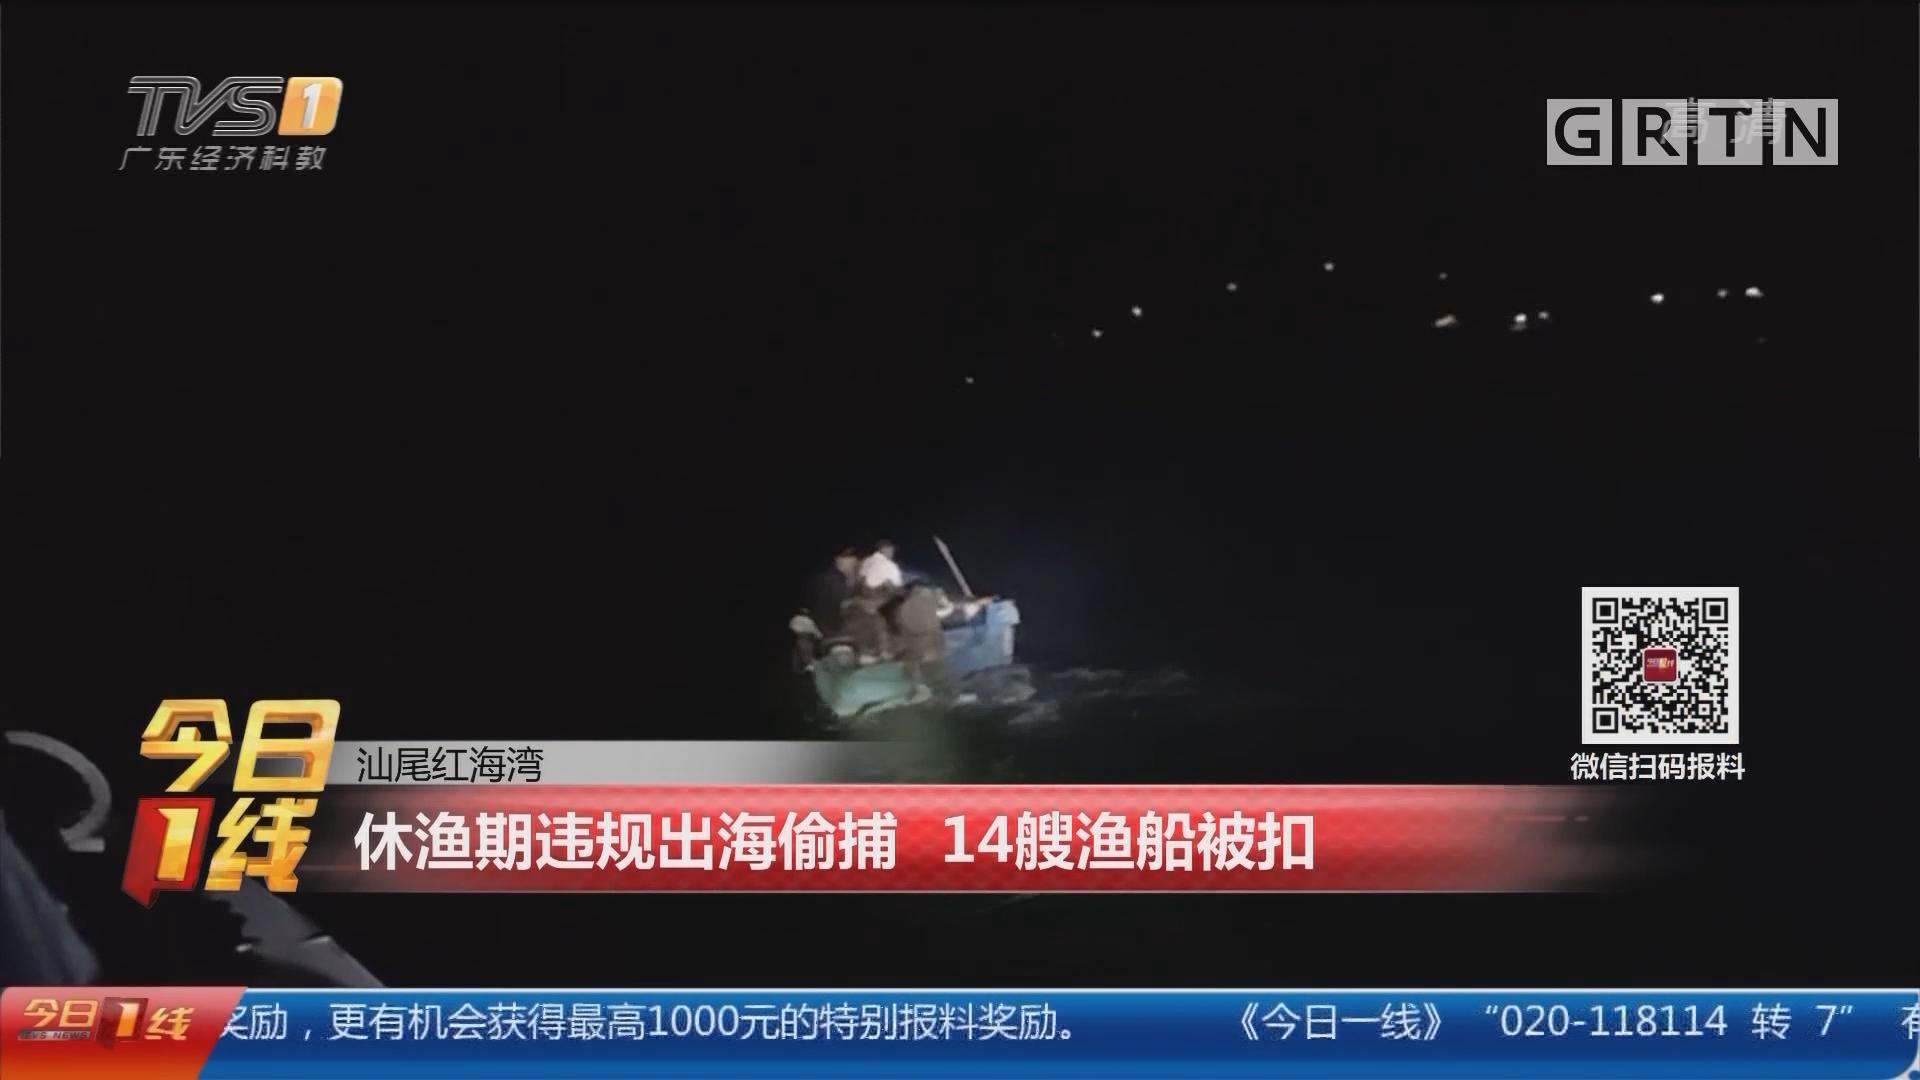 汕尾红海湾:休渔期违规出海偷捕 14艘渔船被扣